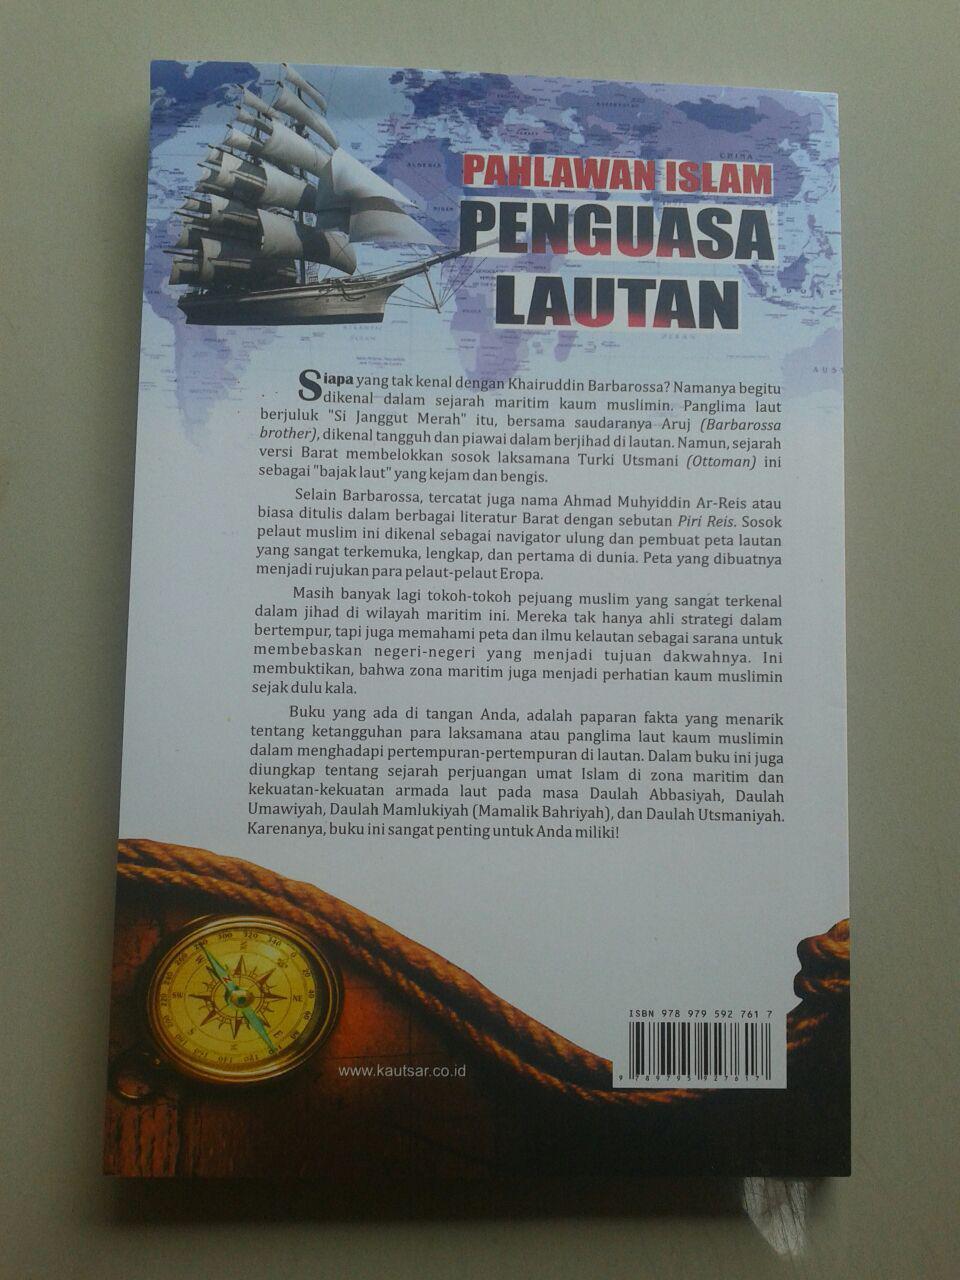 Buku Pahlawan Islam Penguasa Lautan cover